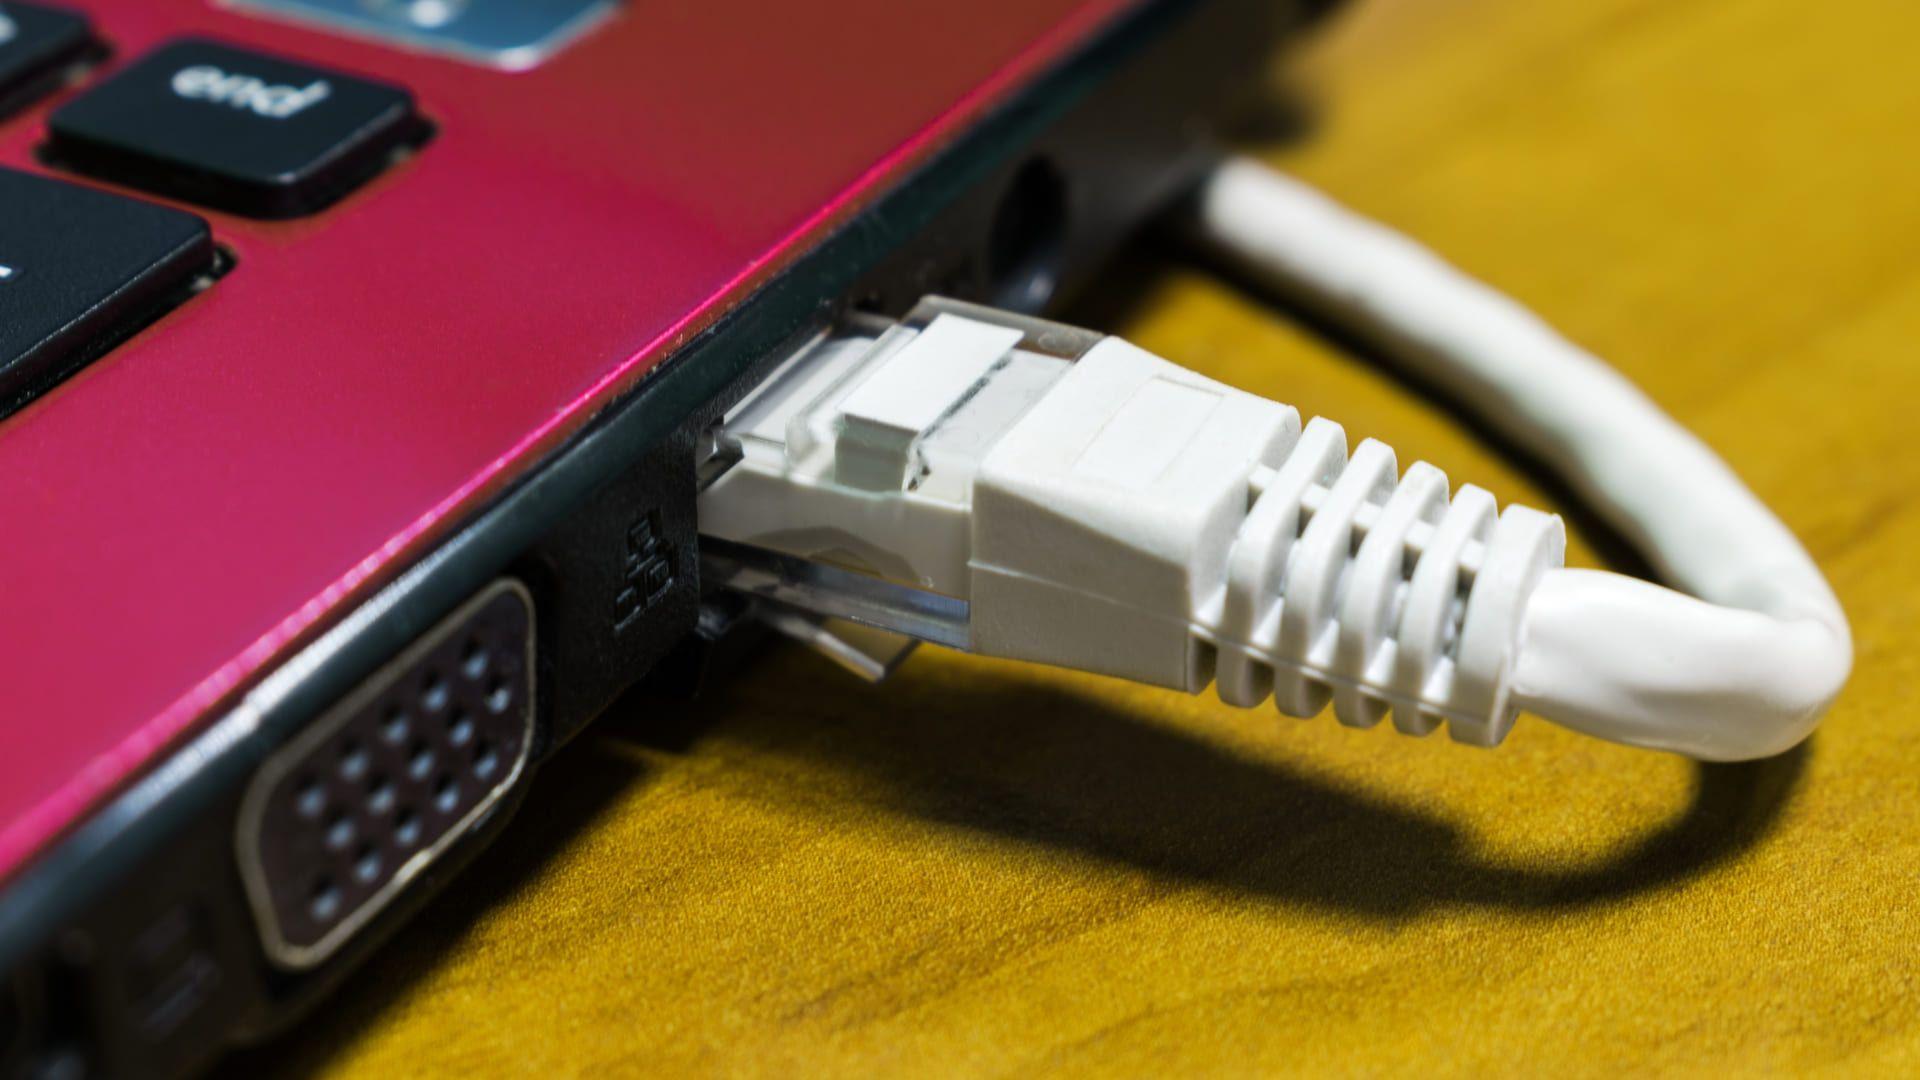 Existem 3 tipos de conexões que podem ser feitas com a Ethernet (Foto: Reprodução/Shutterstock)